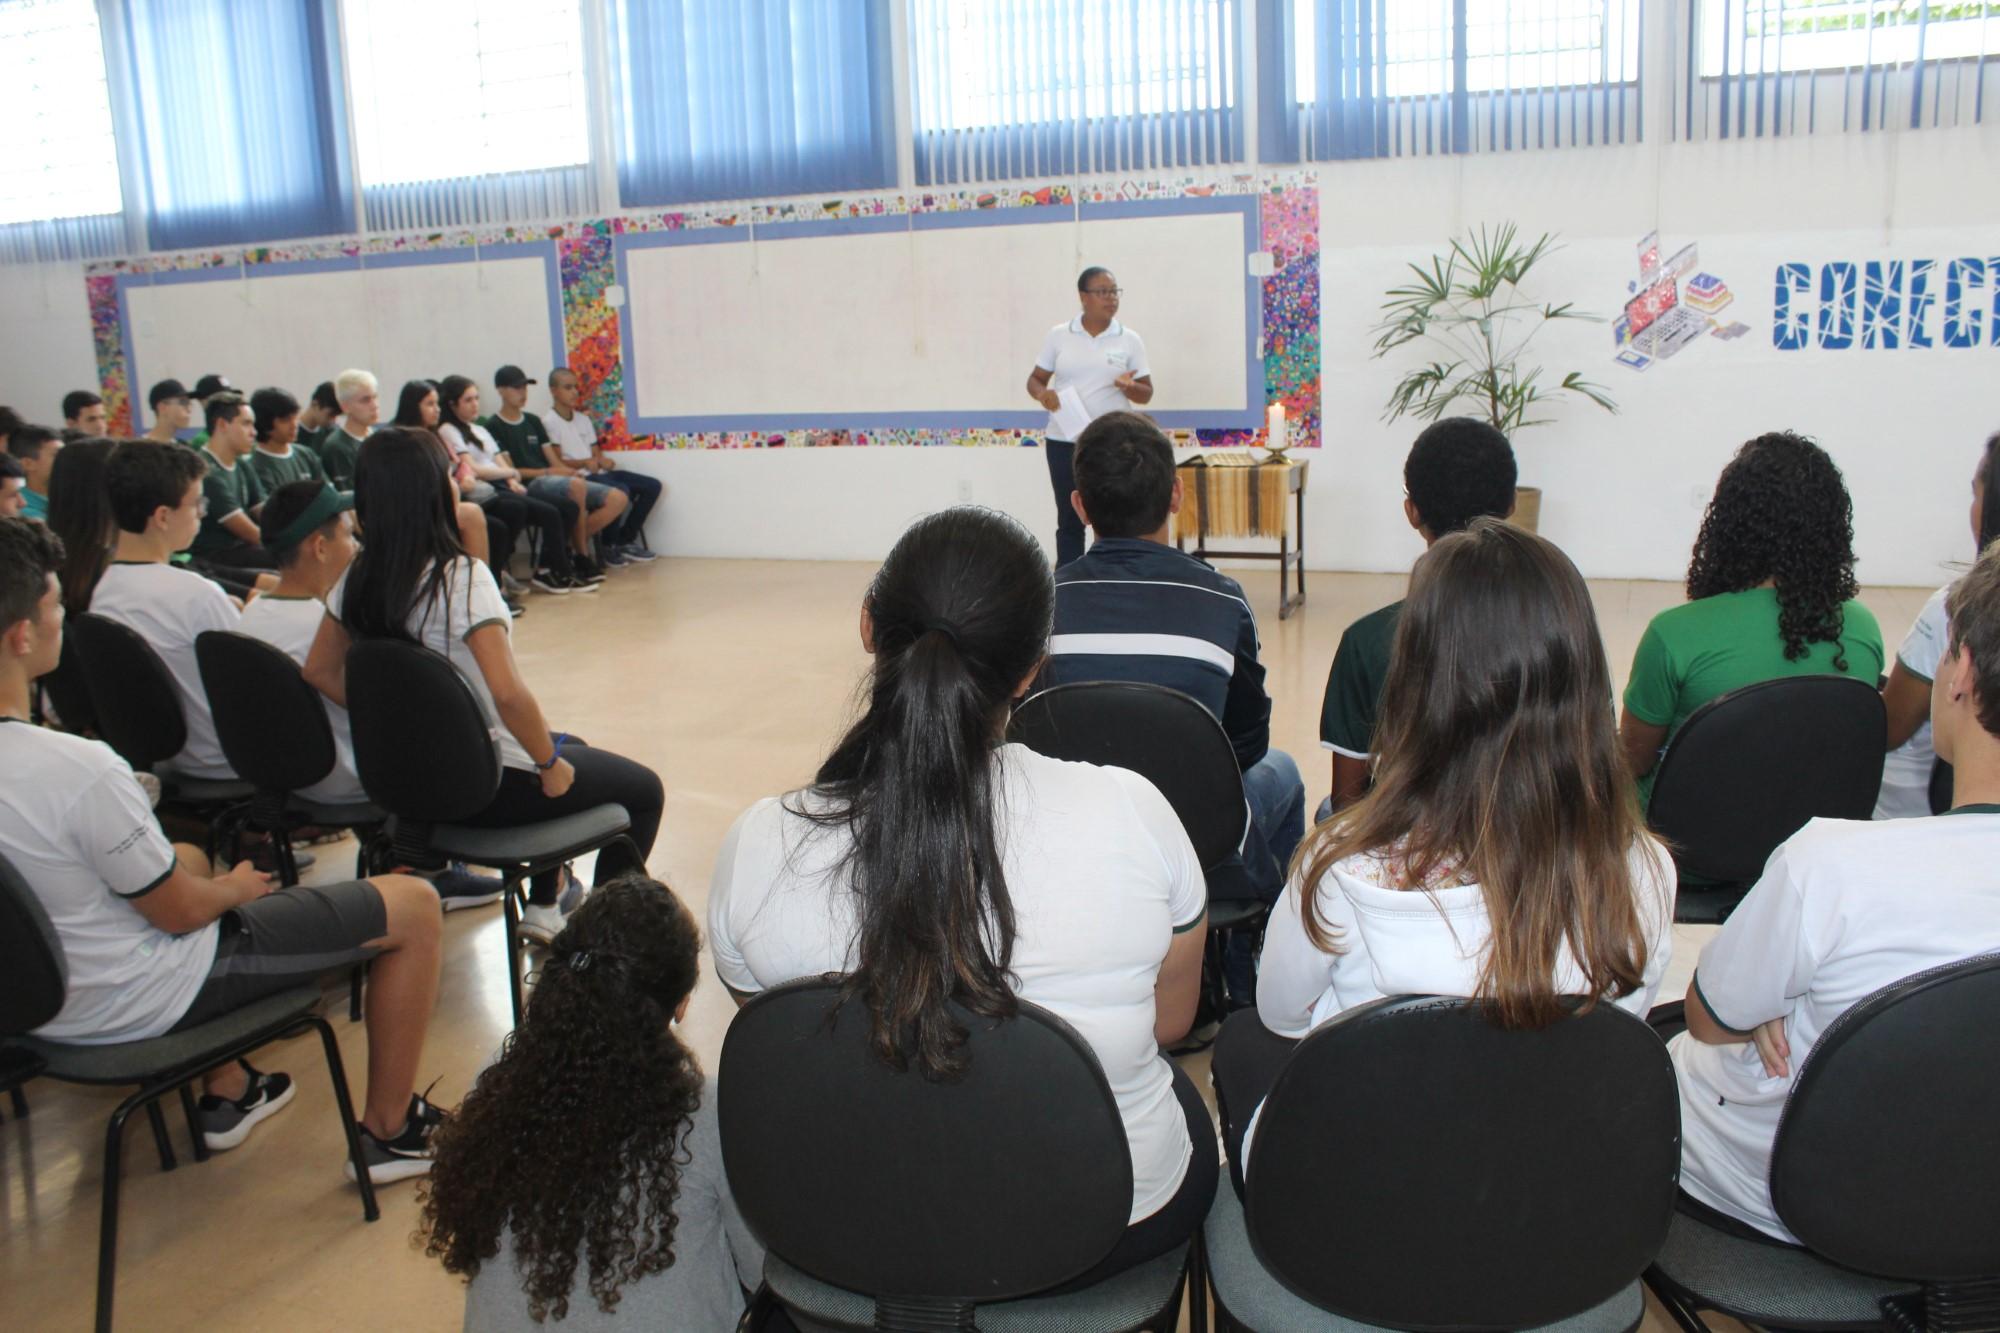 """a2d6f199ab Foi como muito entusiasmo que a Escola Técnica de Eletrônica """"Francisco  Moreira da Costa"""" recebeu os estudantes para mais um início de ano letivo"""